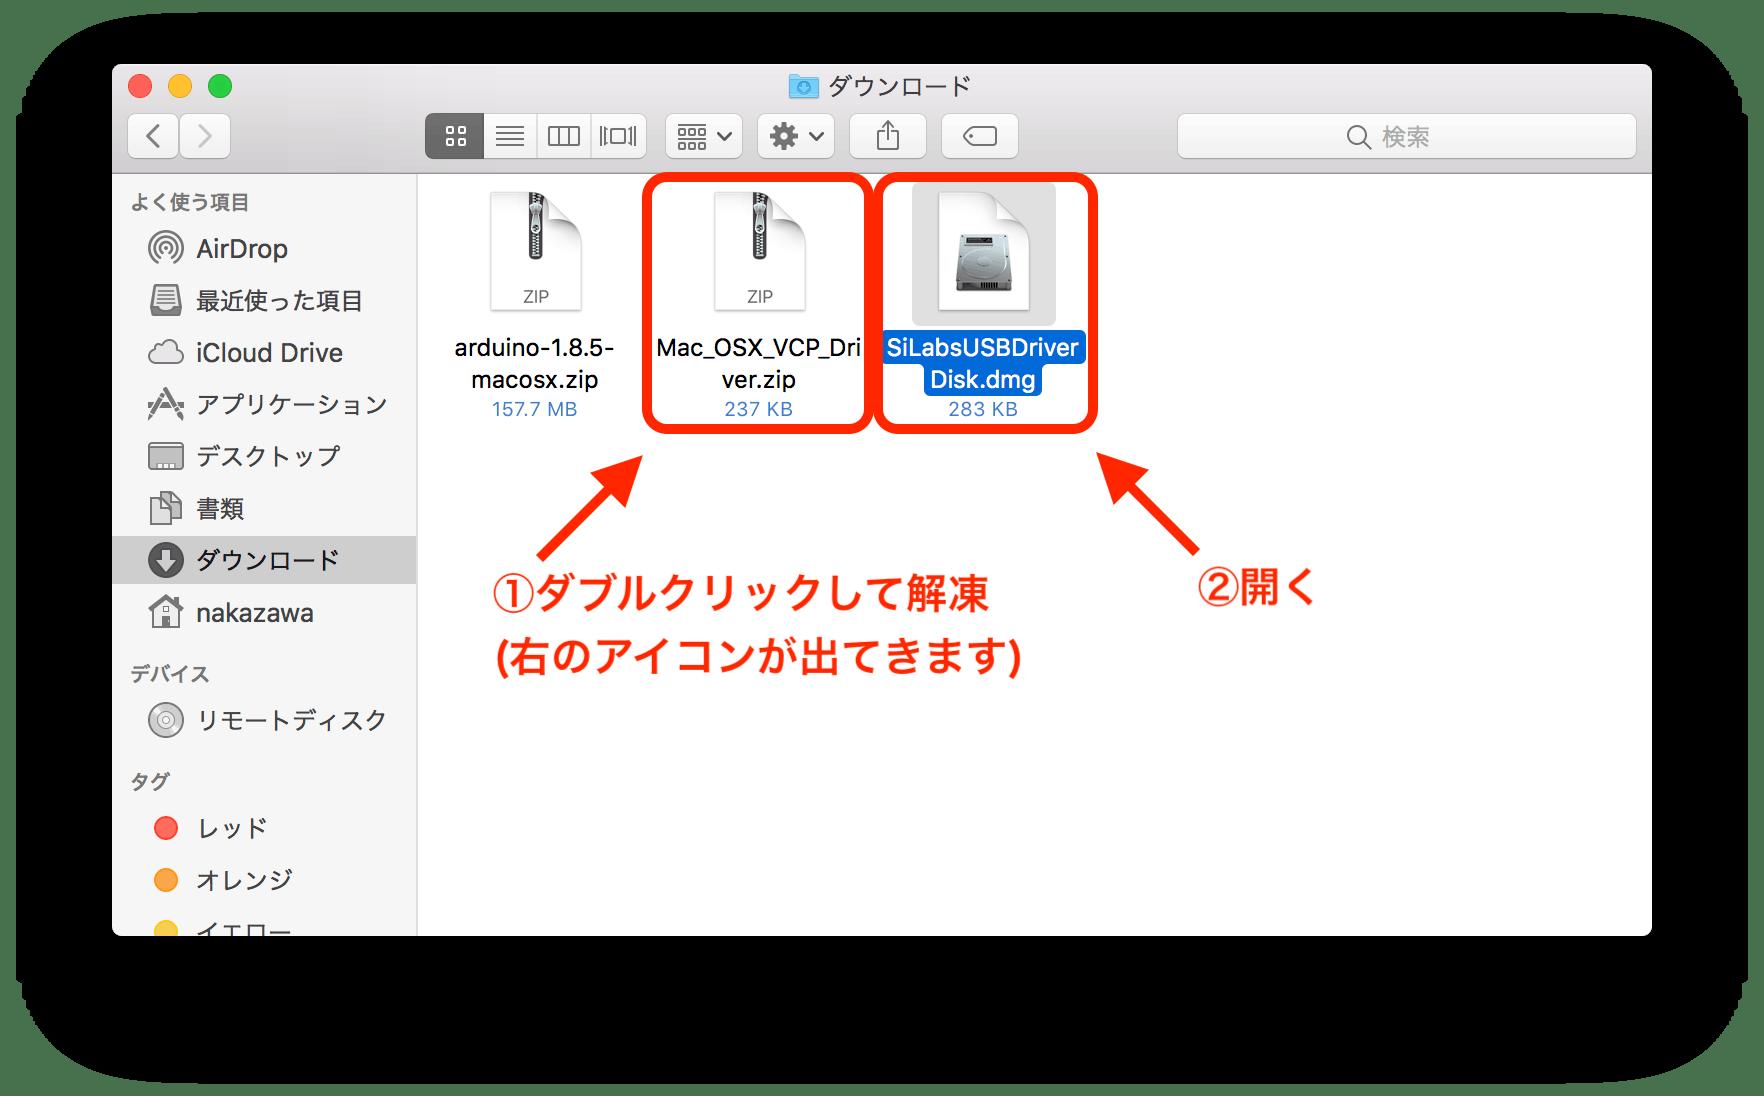 スクリーンショット 2018-08-04 17.51.44.png